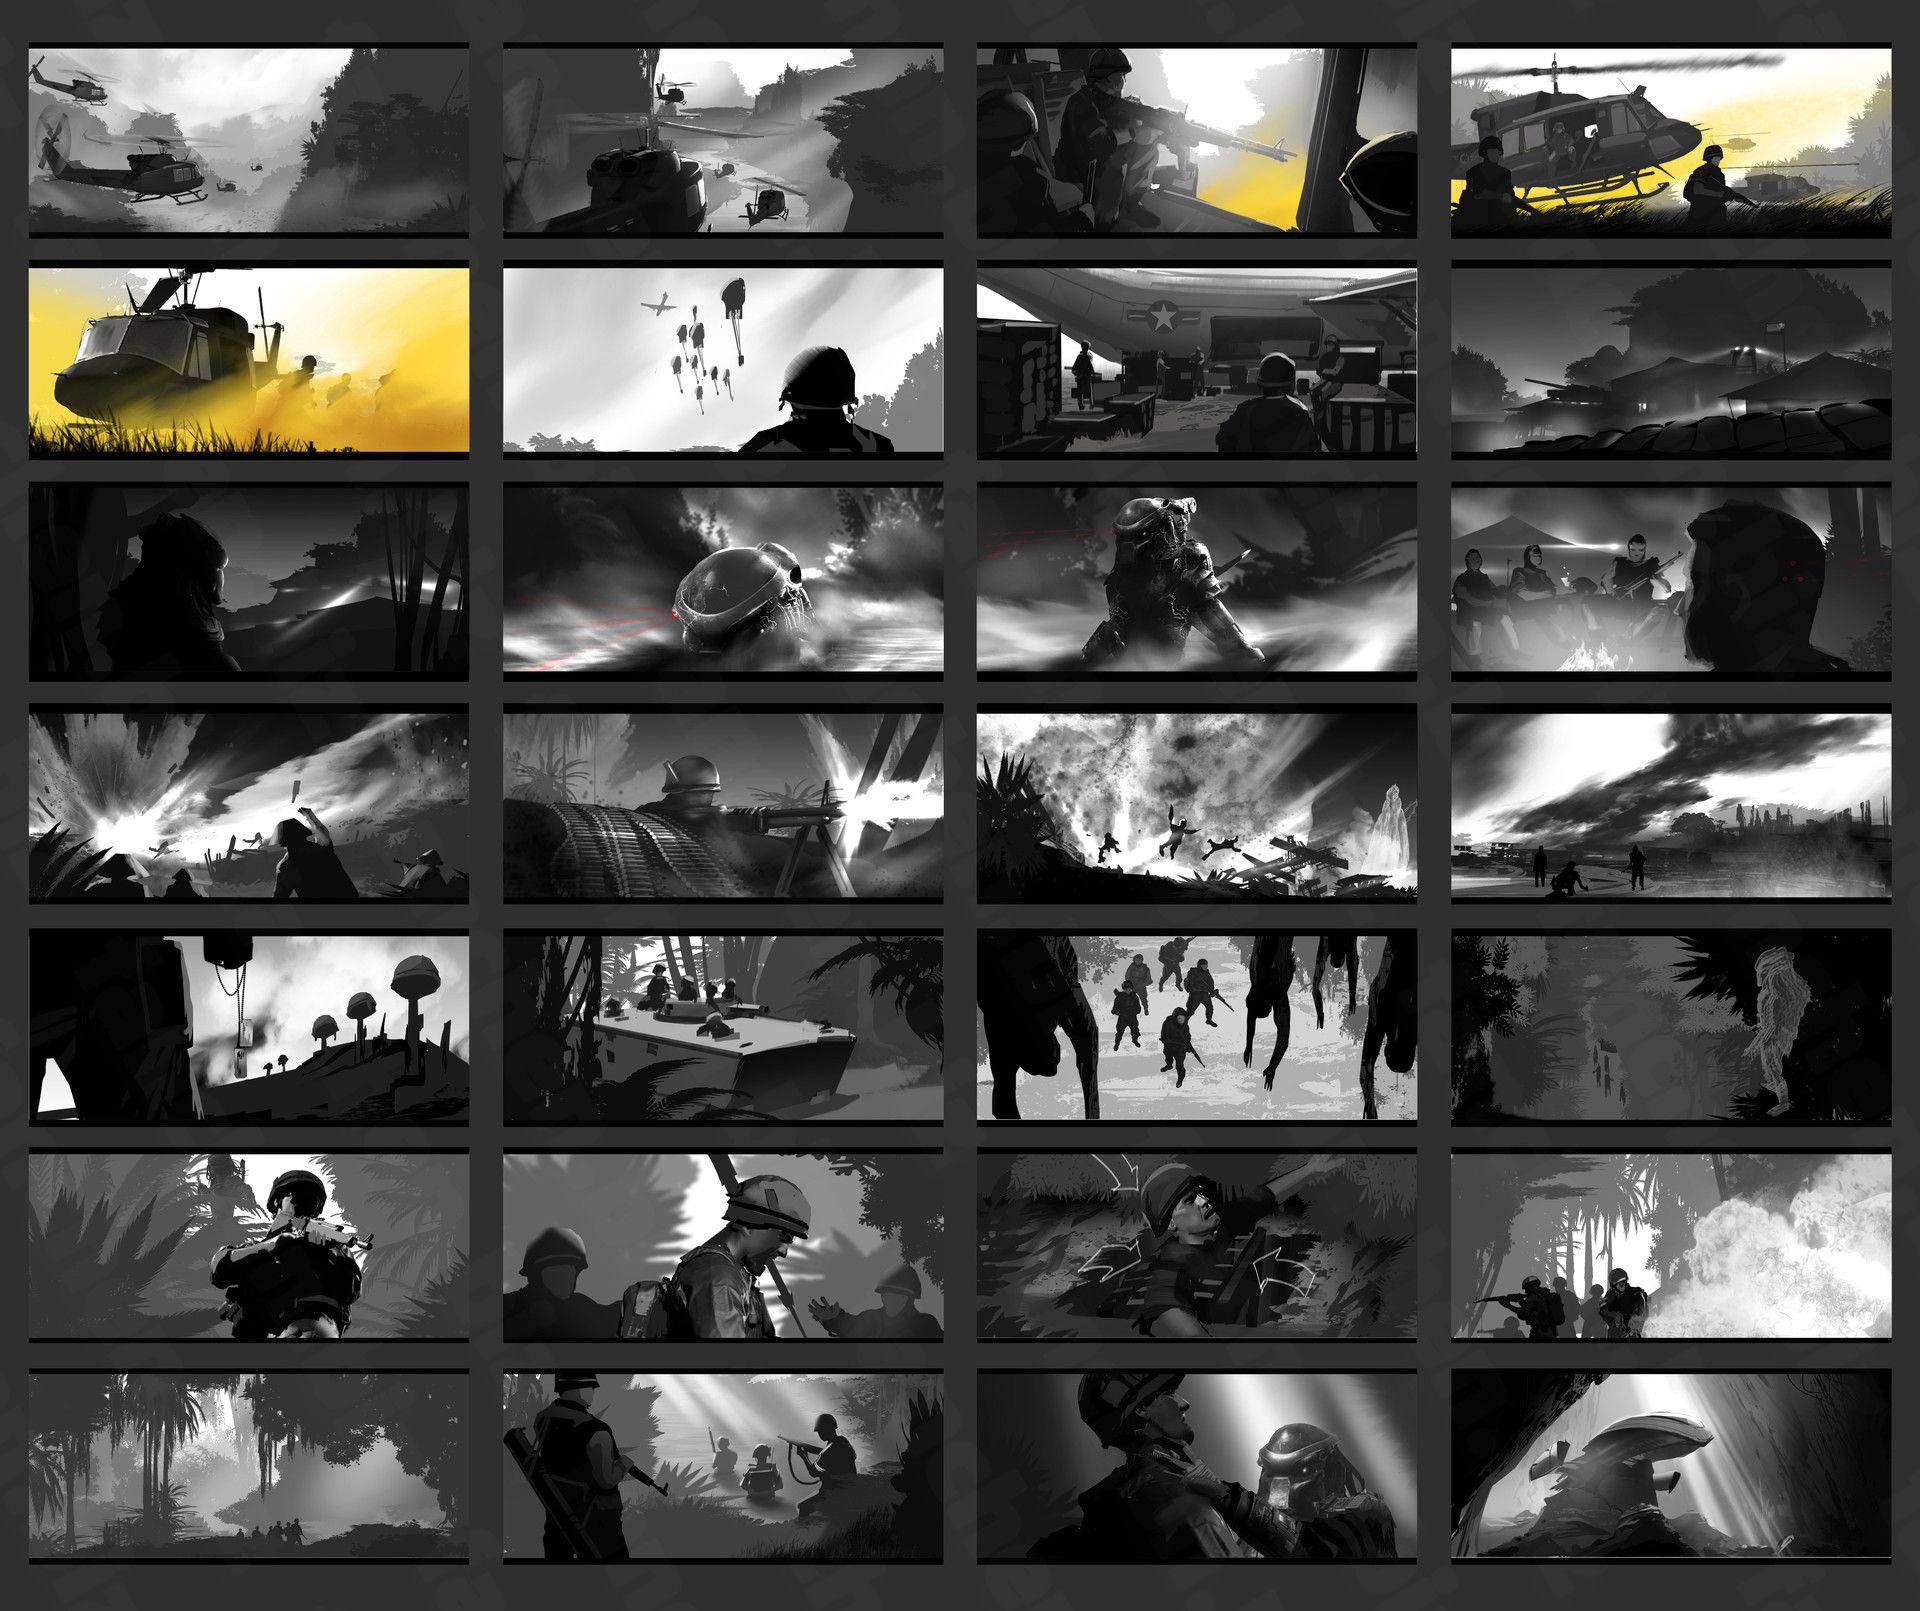 乌克兰概念艺术家Alexander Dudar CG作品 59.3M-FANCHENBIZ